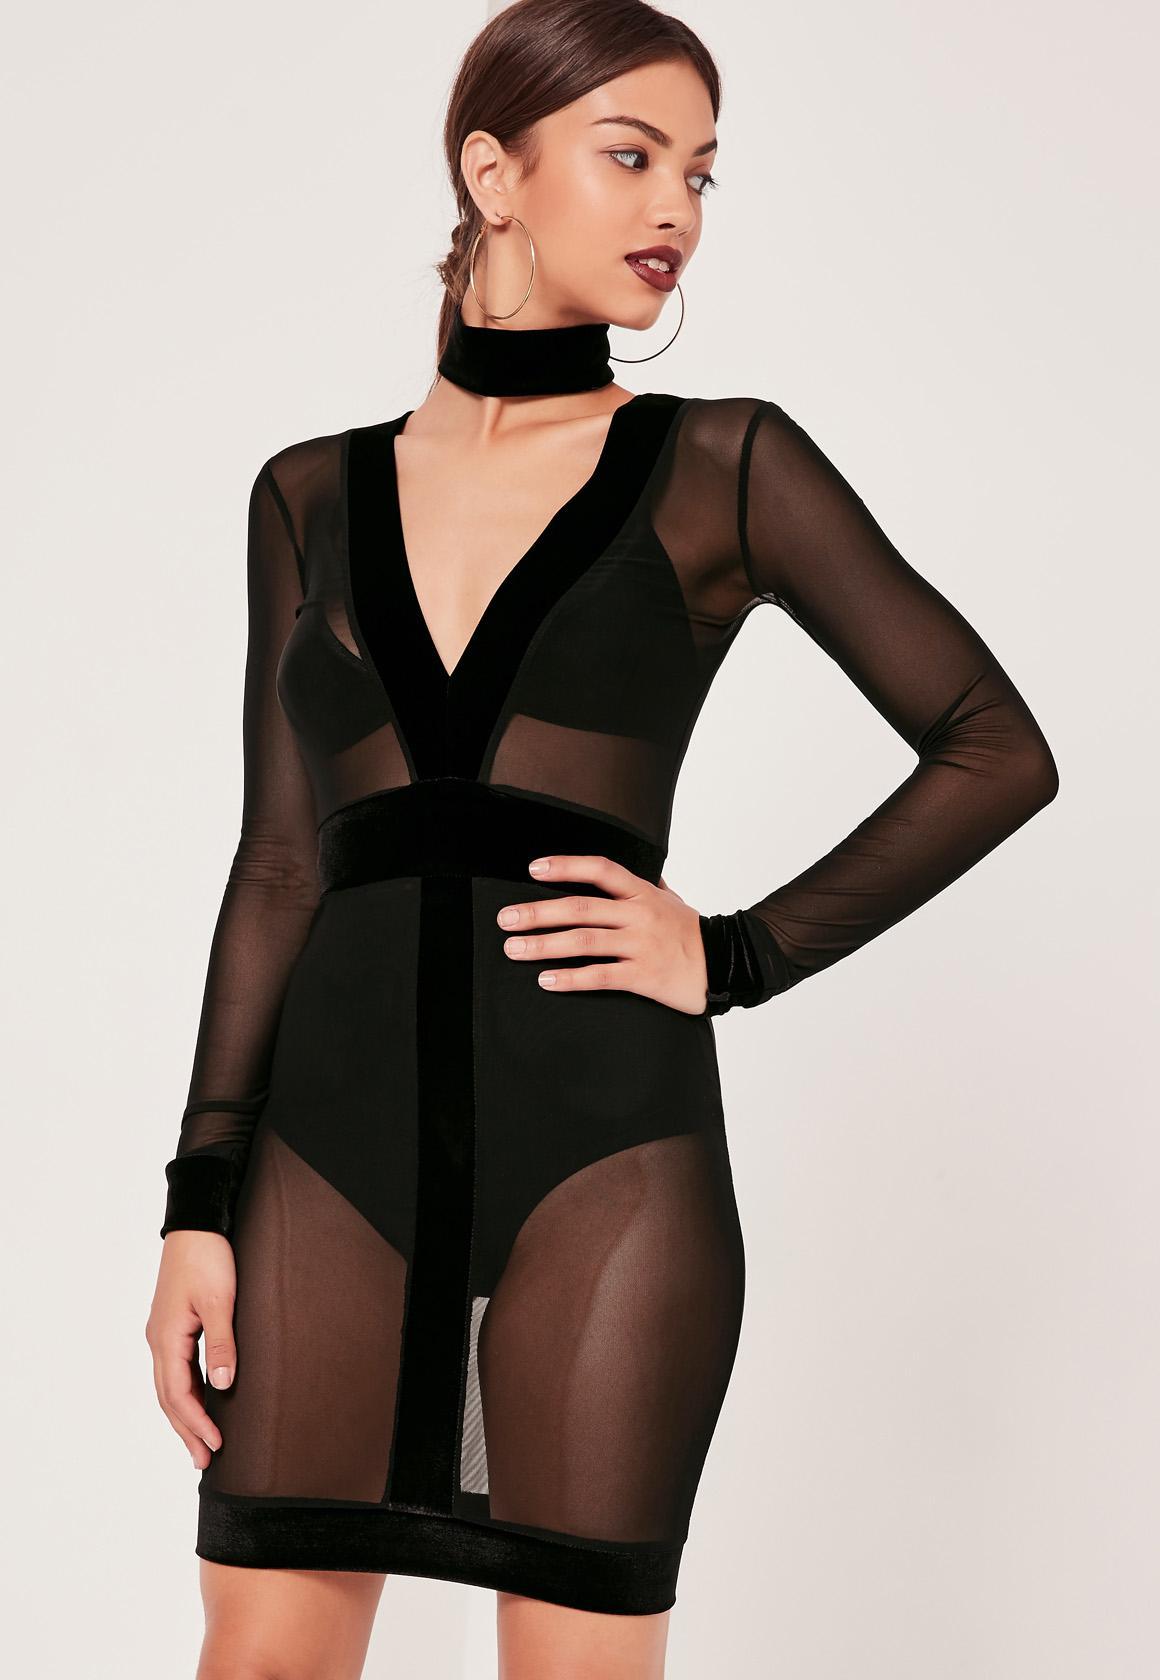 2 Piece Choker Neck Velvet Mesh Bodycon Dress Black | Missguided